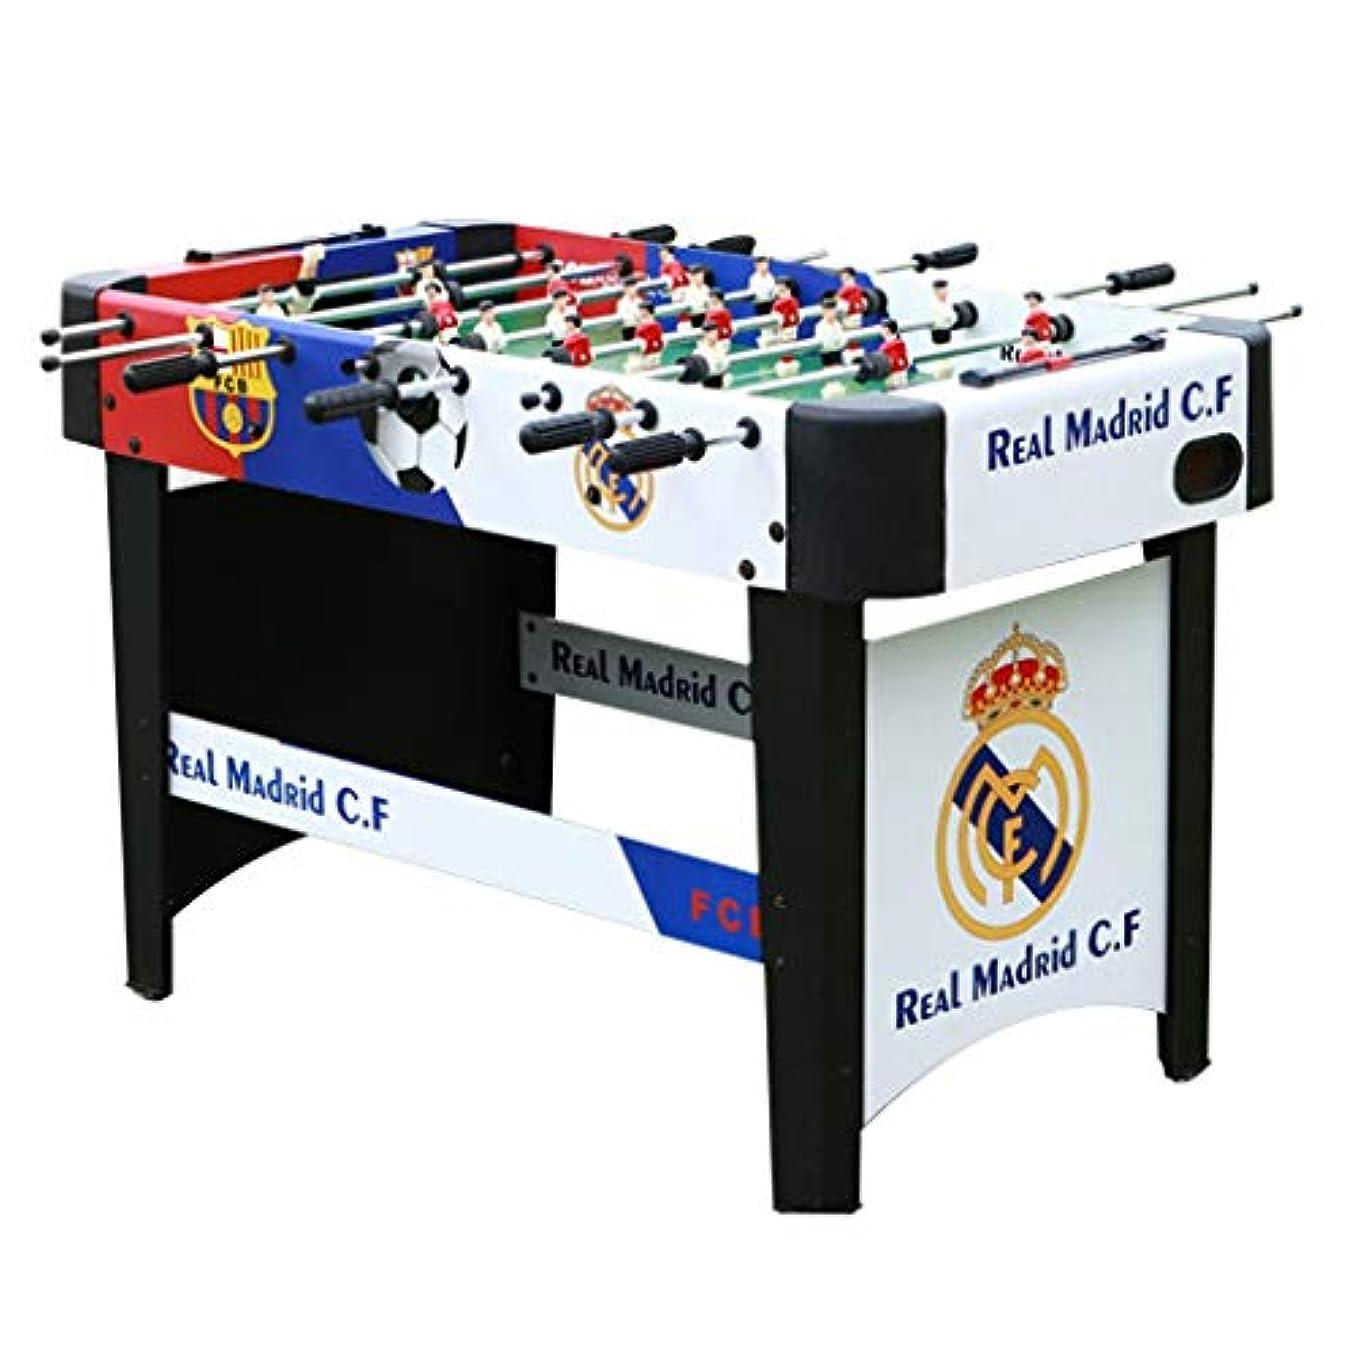 立ち向かう満了サバント屋外フィットネス大人の子供の標準8テーブルサッカー機械のおもちゃゲームテーブル屋内大型サッカーテーブルギフトショッピングモール大人のゲーム機 (Color : WHITE, Size : 120*60*80CM)